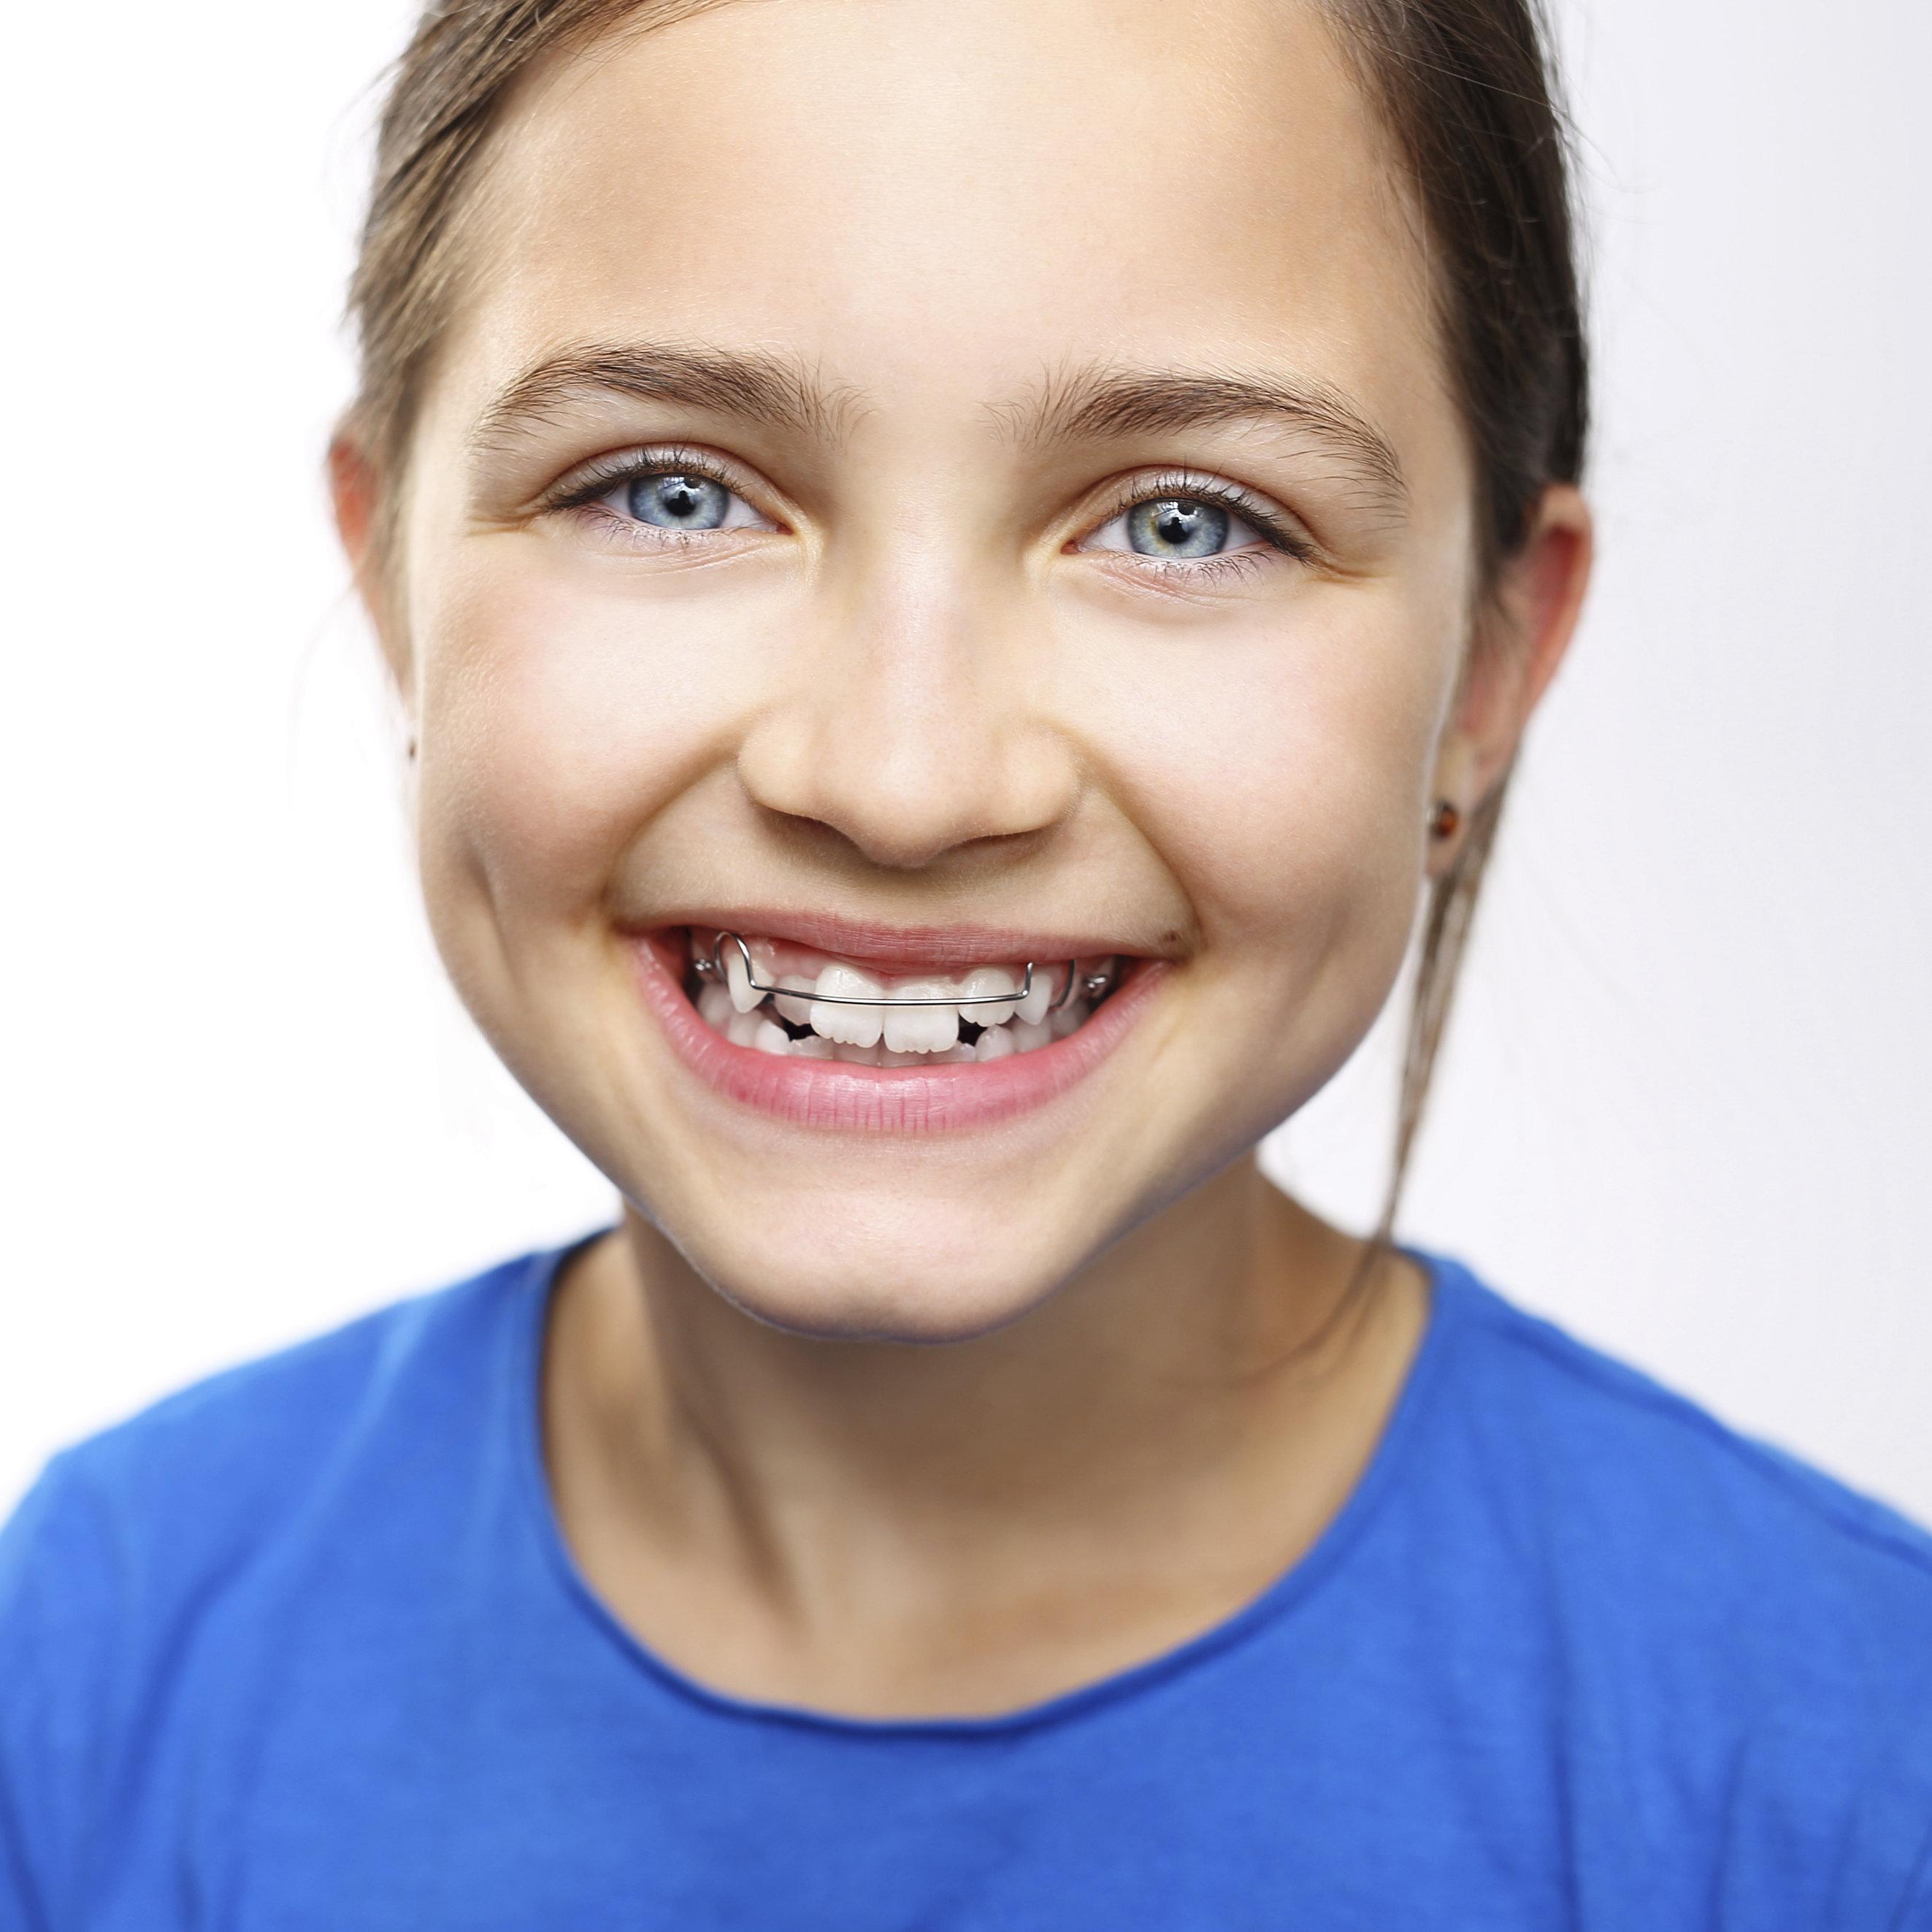 braces_02